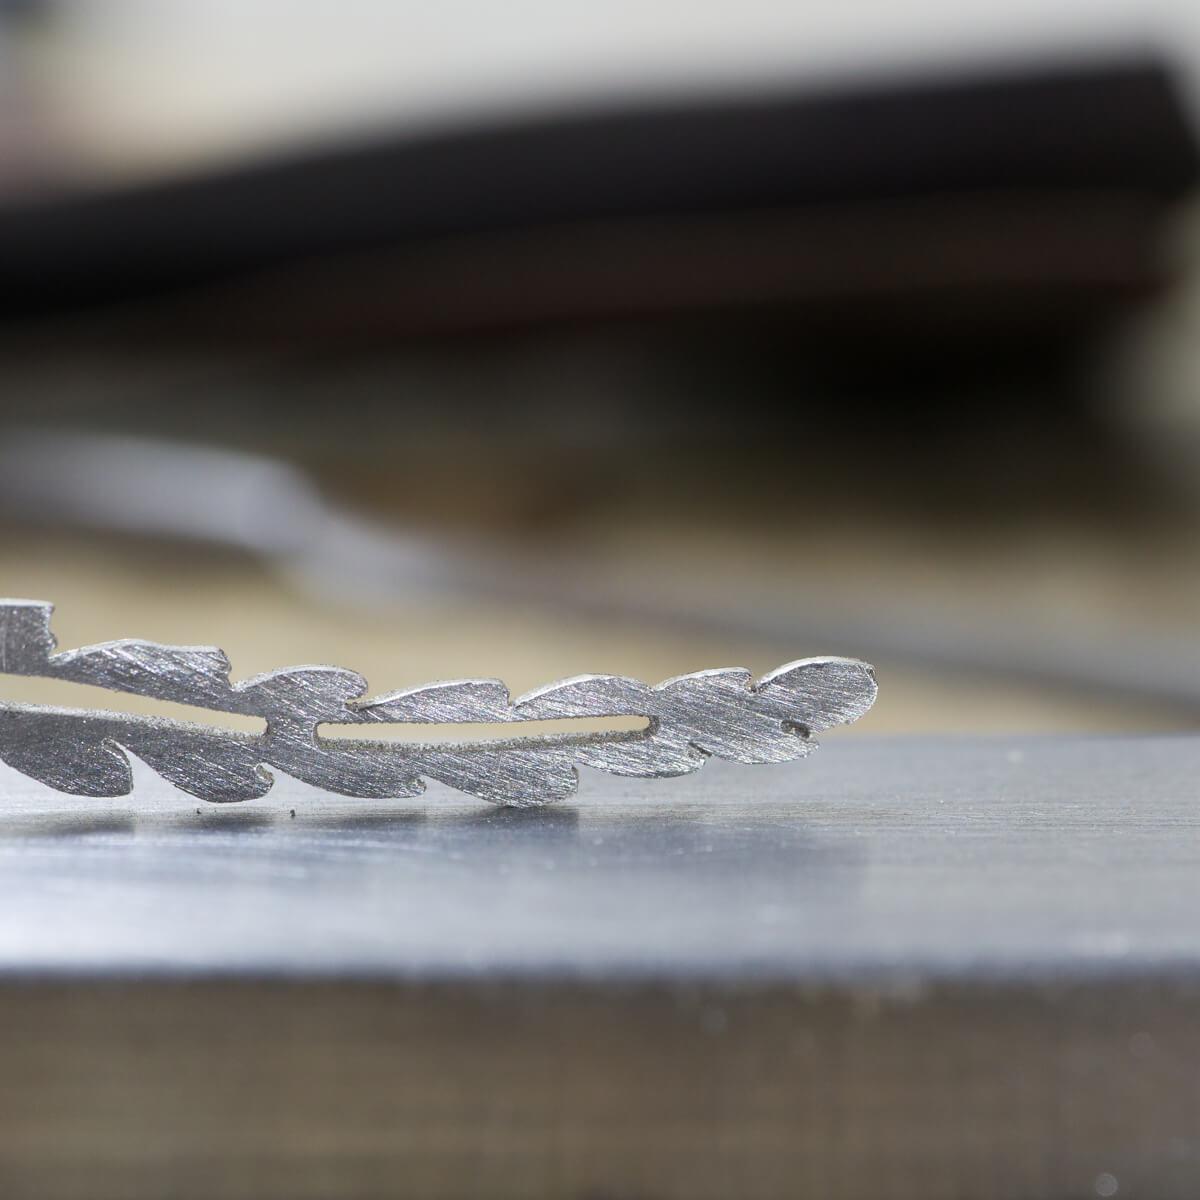 オーダーメイドエンゲージリングの制作風景 ジュエリーのアトリエ 屋久島のシダモチーフ プラチナ 屋久島でつくる結婚指輪